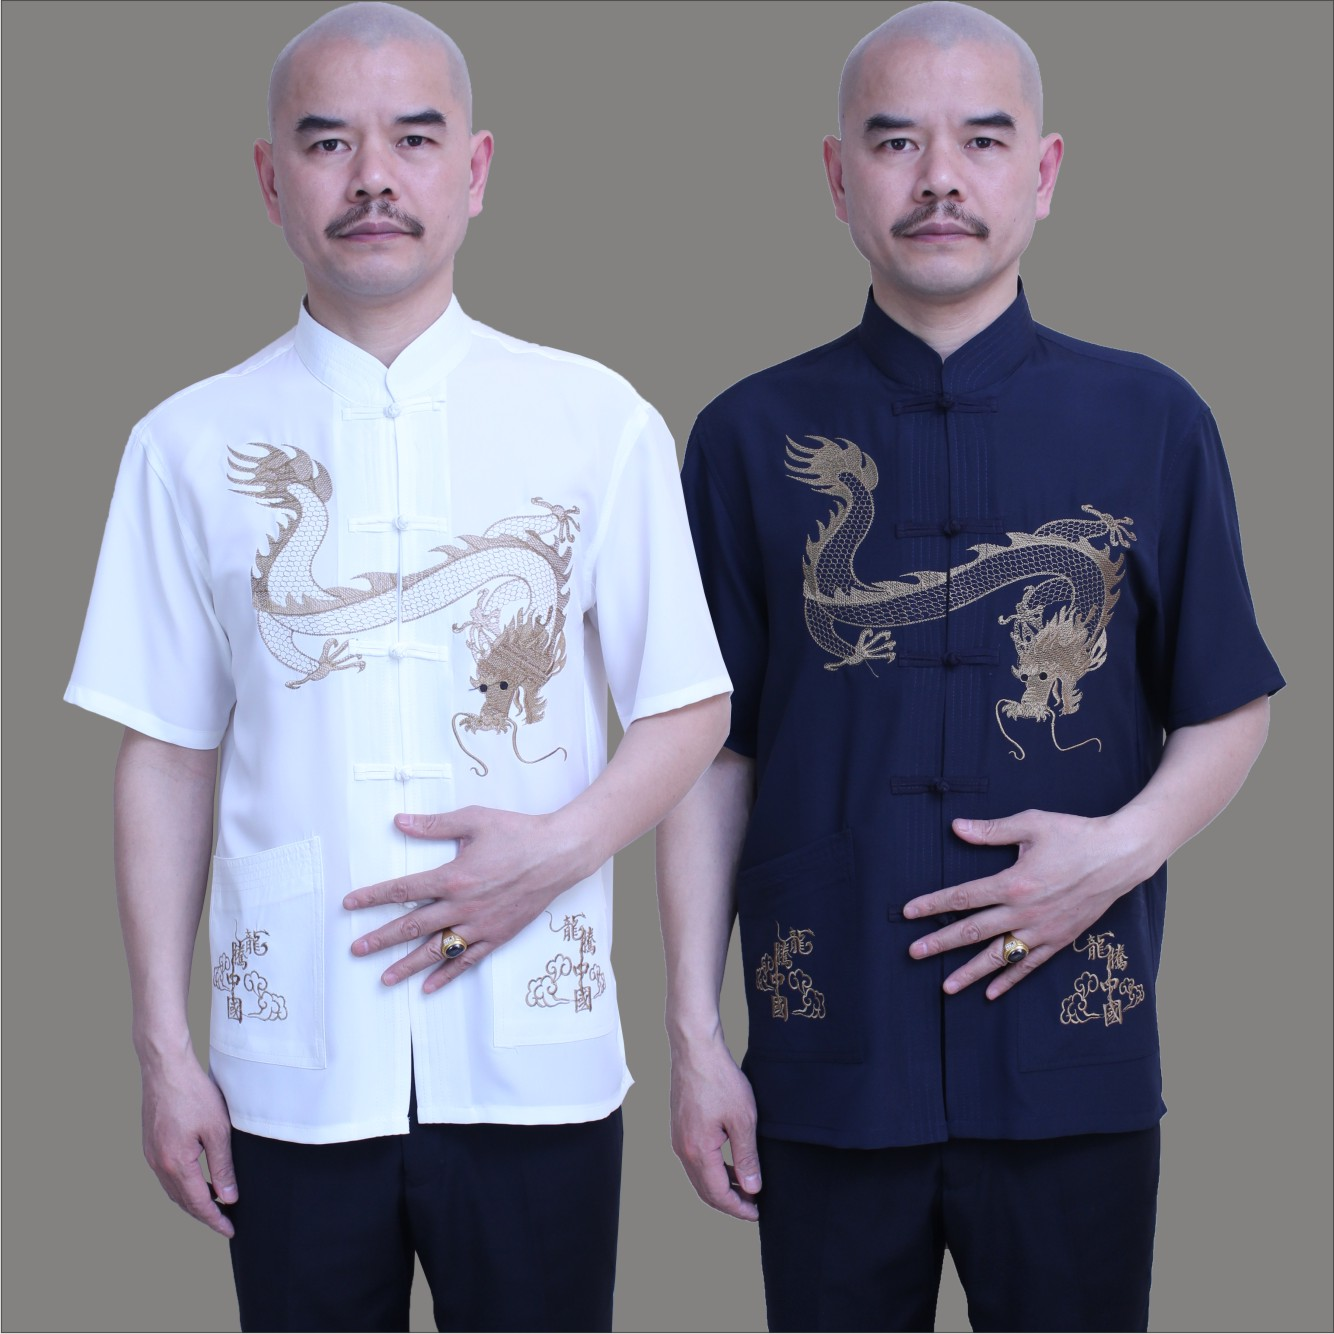 中老年服裝男士唐裝短袖唐裝男式夏裝 唐裝男 短袖夏季中國龍唐裝圖片